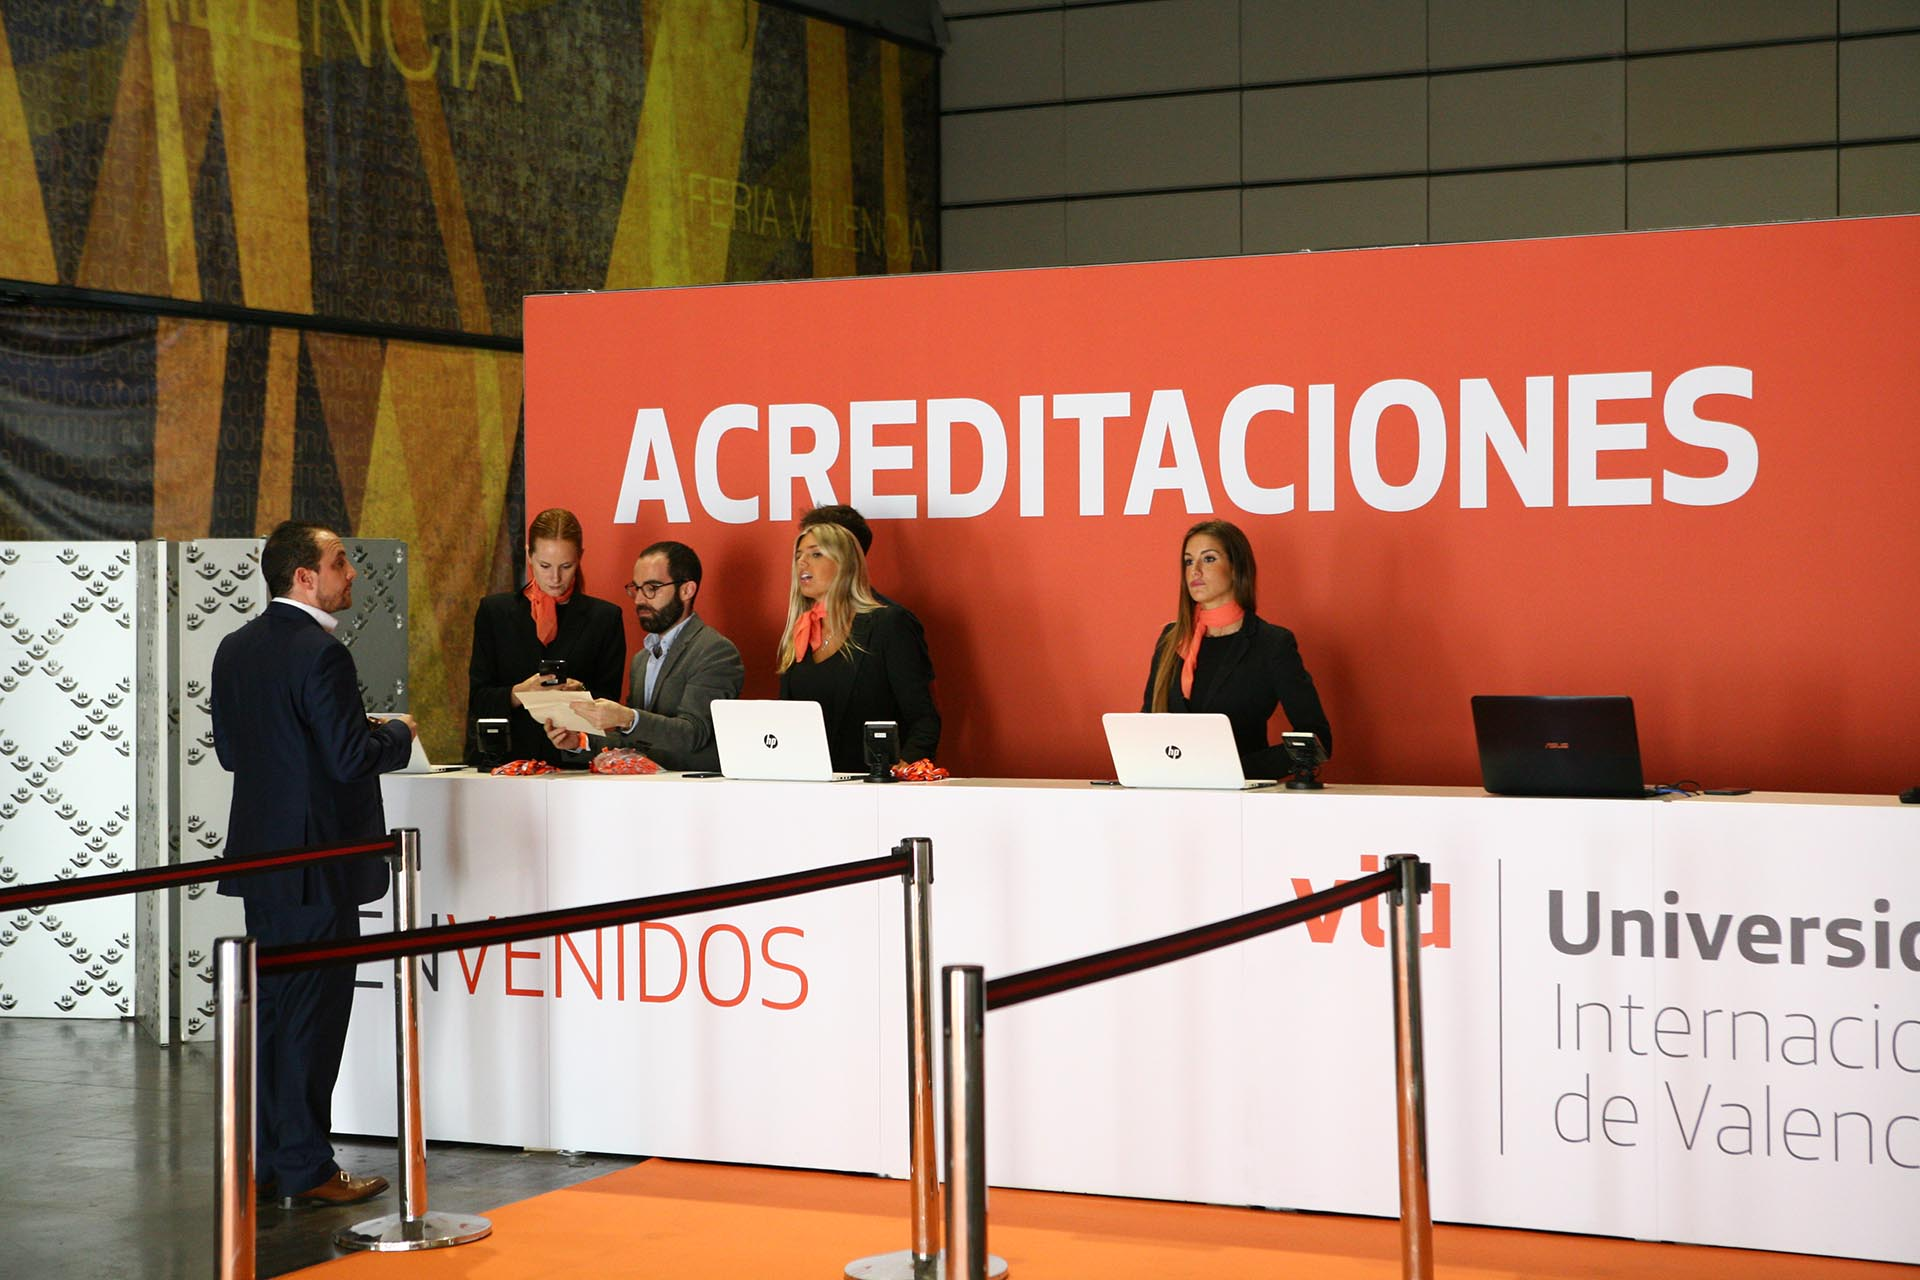 VIU graduation event. Accreditation area design